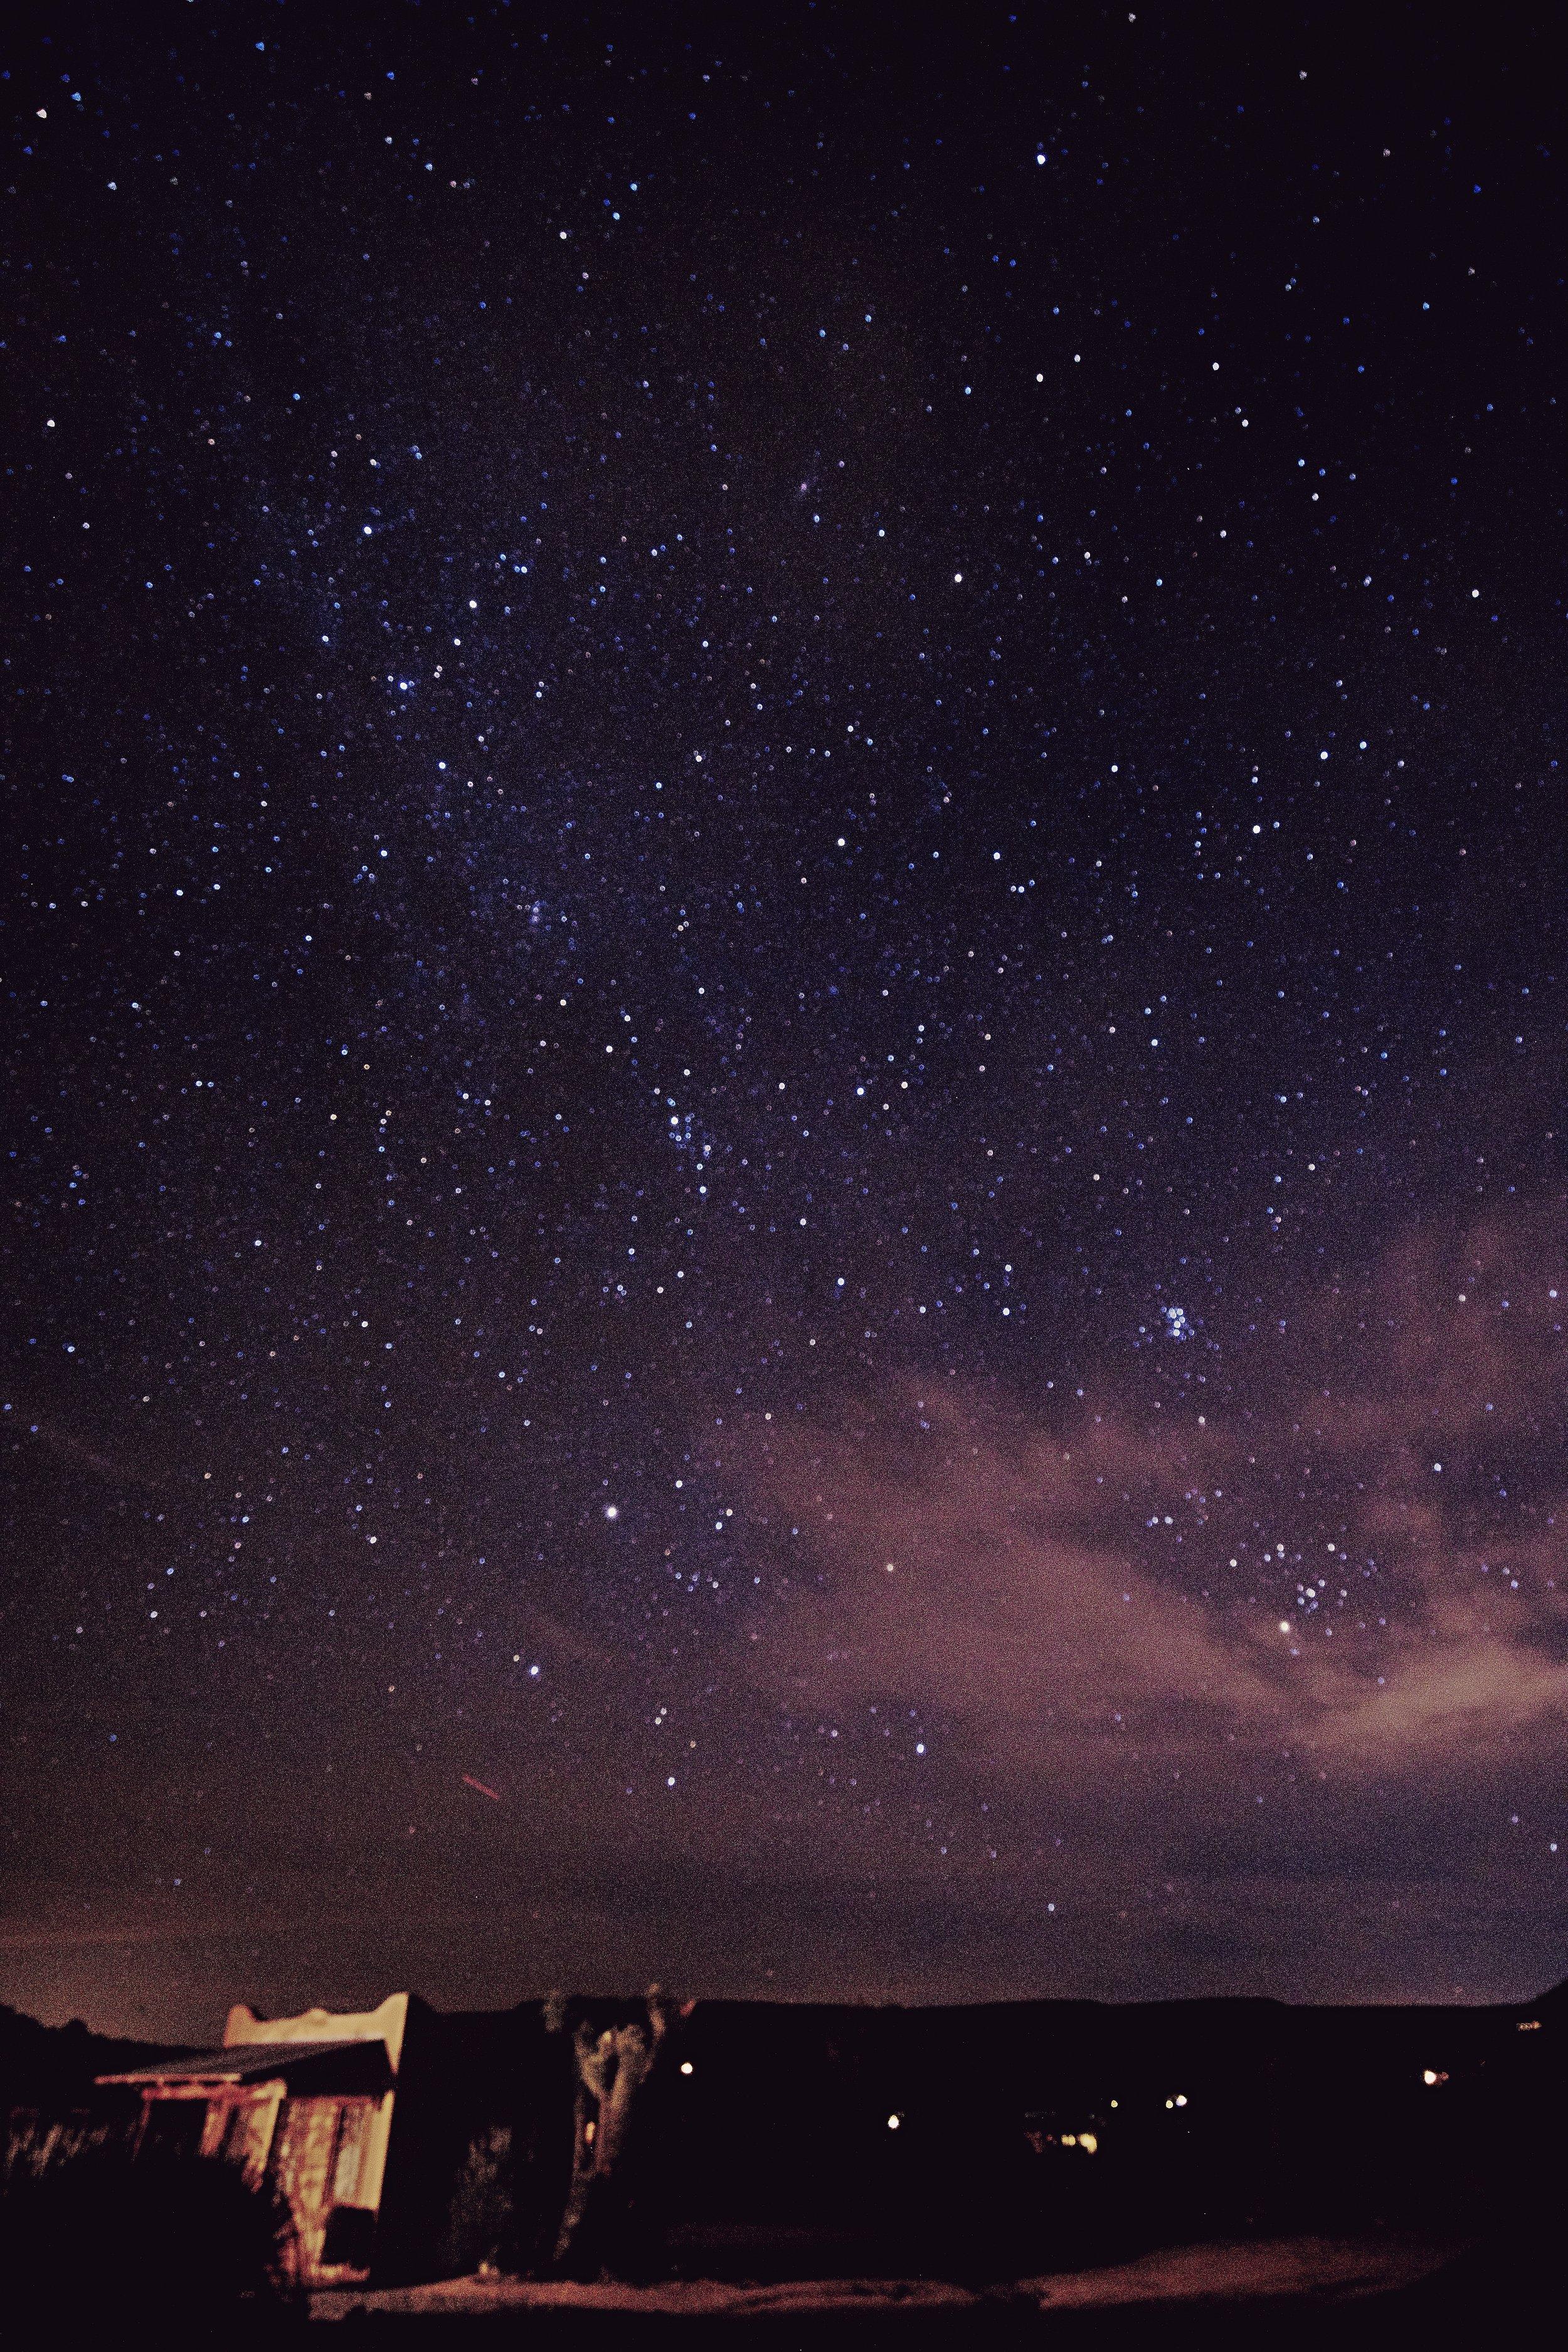 IMG_7183_x night sky 2.jpg